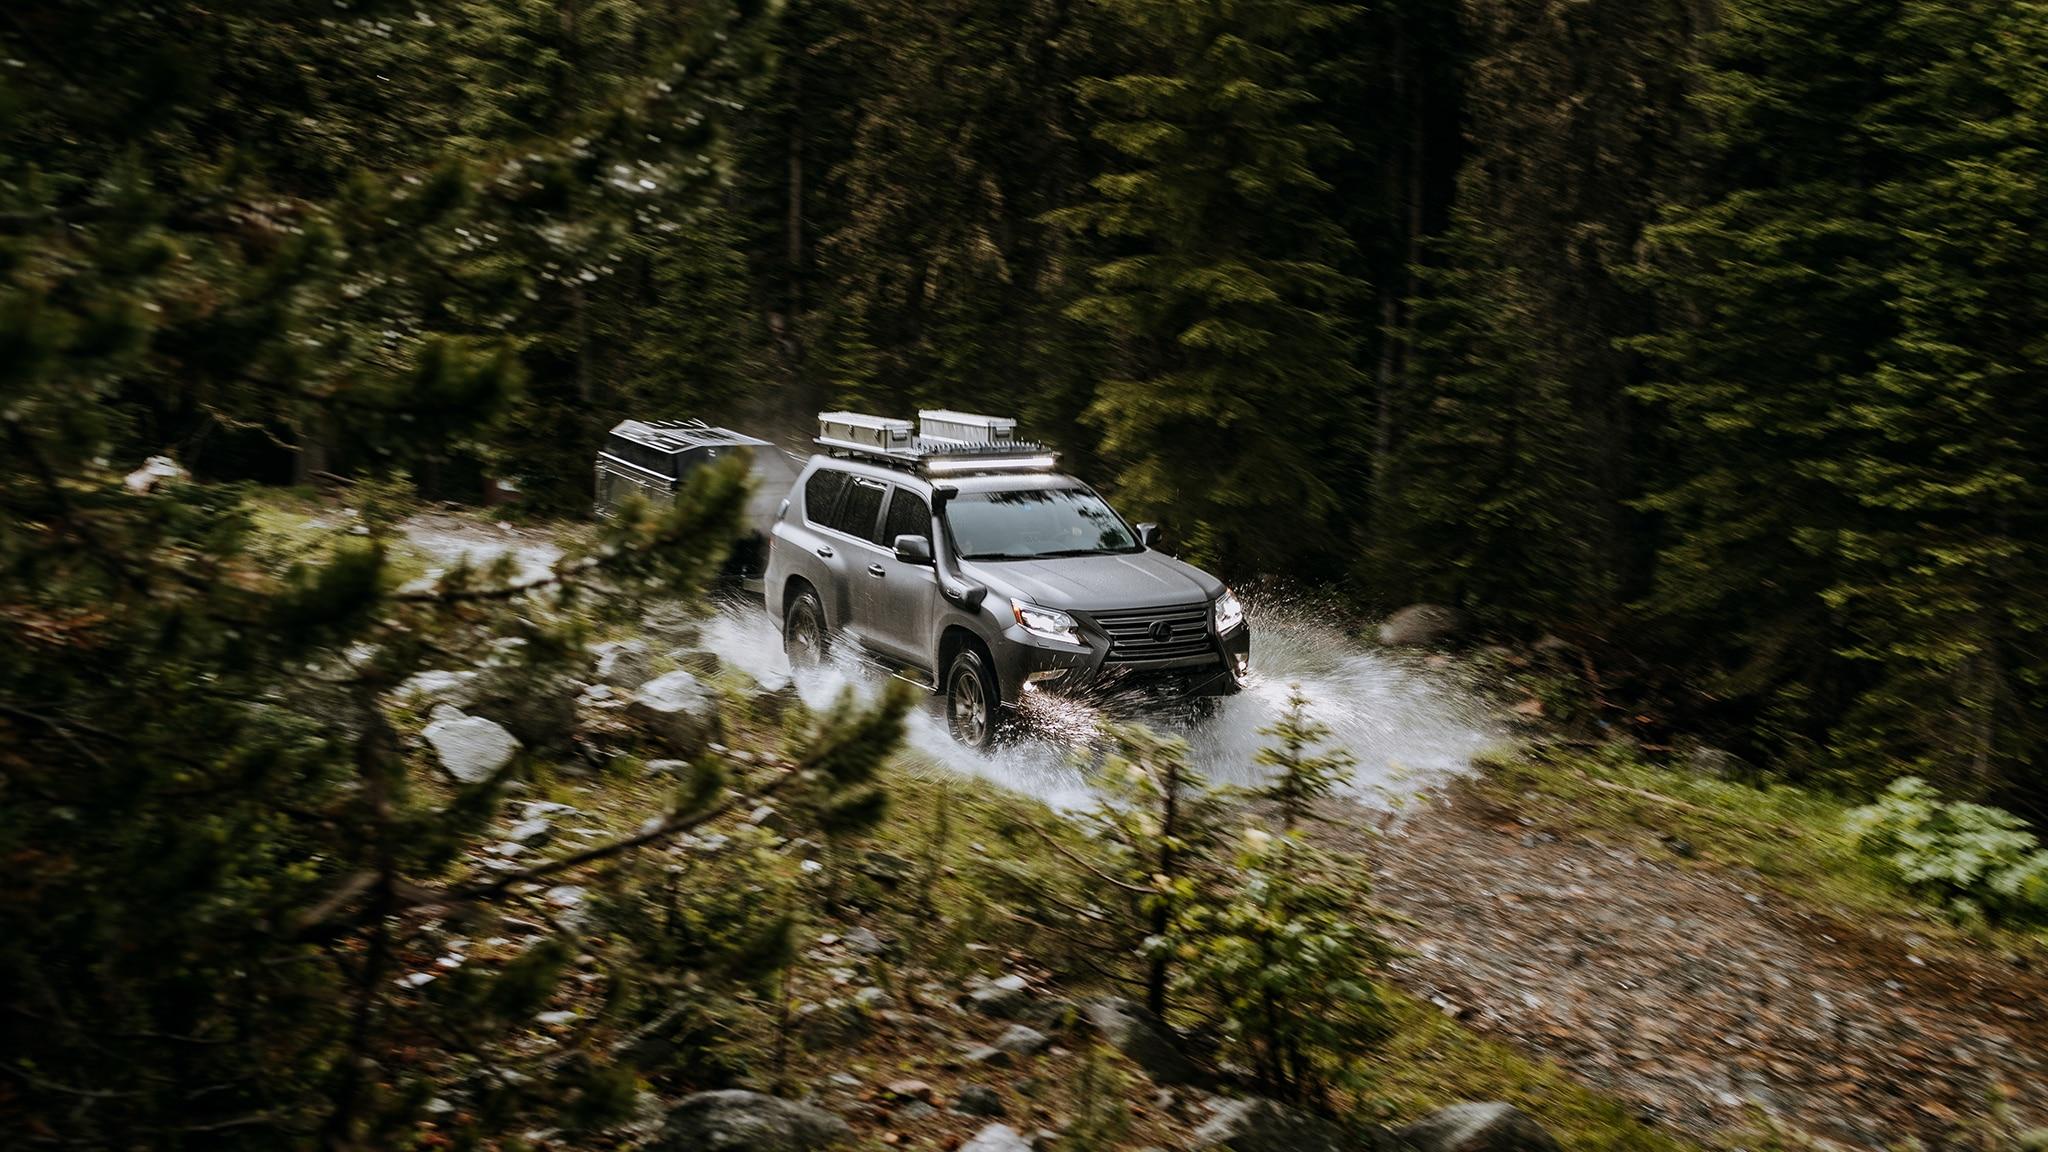 نتيجة بحث الصور عن Lexus GXOR | GX Off-road Concept Build